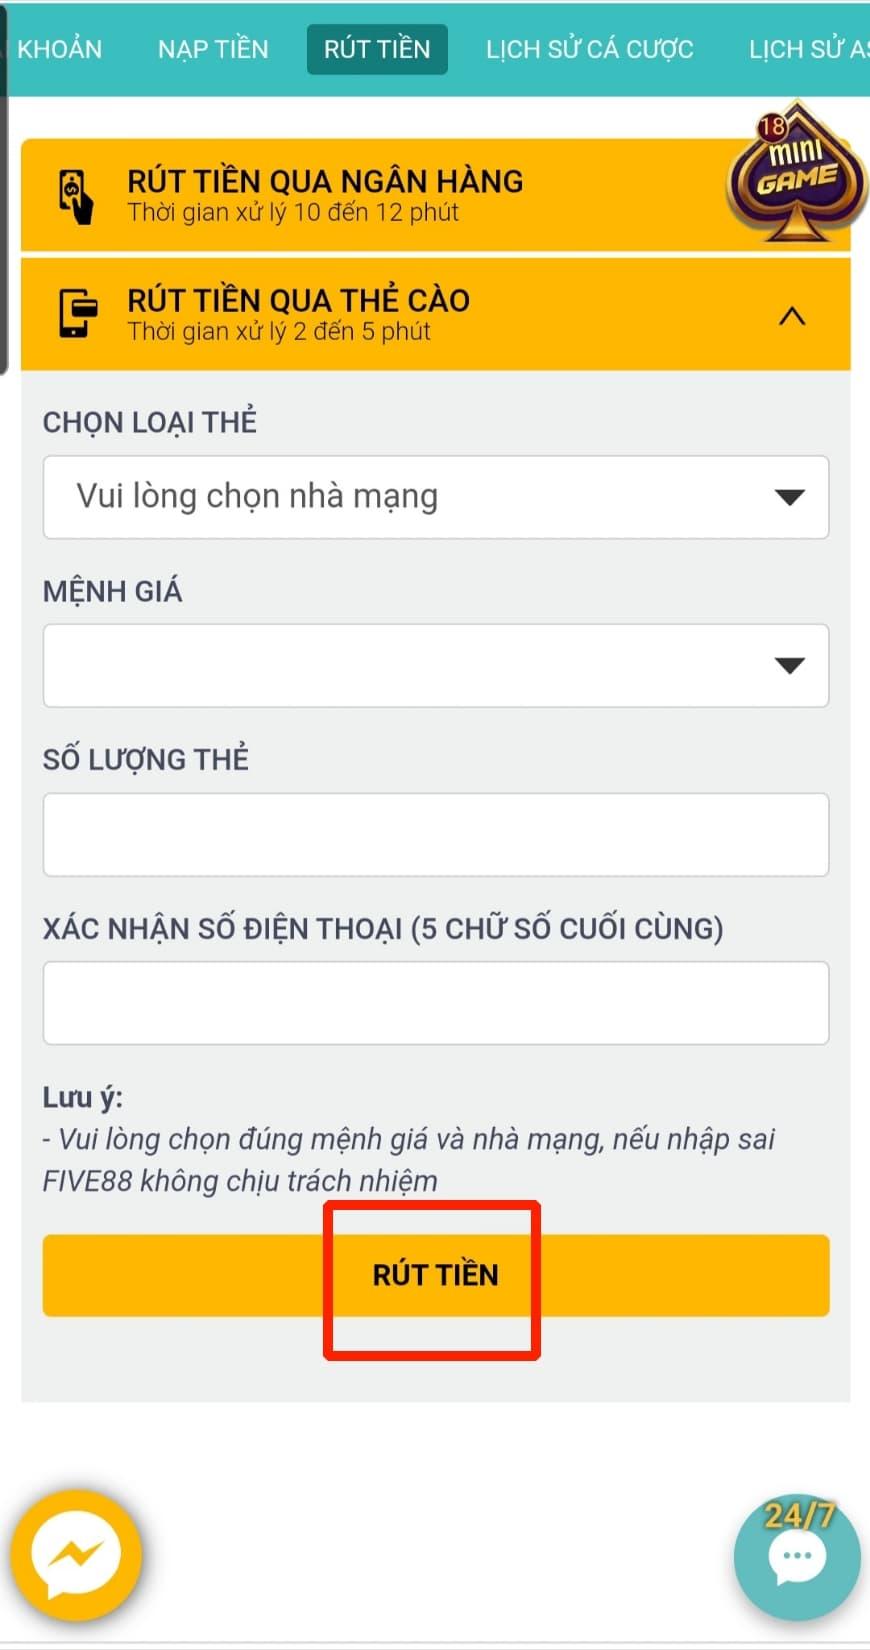 Bấm chọn RÚT TIỀN để hoàn thành quá trình rút tiền qua thẻ cào điện thoại của five88